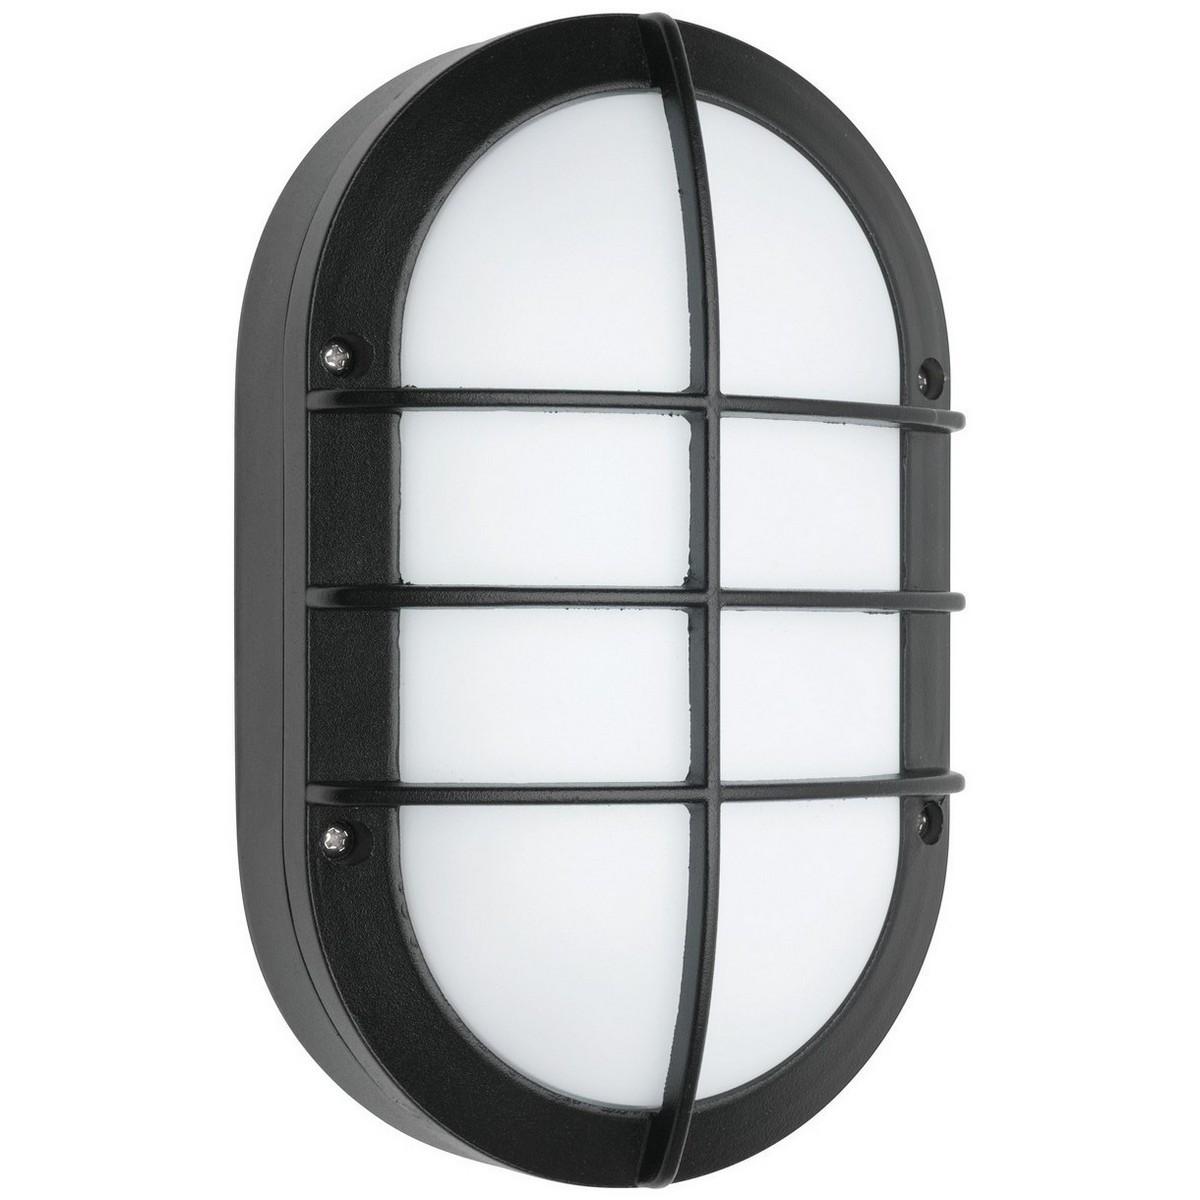 Felix IP65 LED Outdoor Caged Oval Bunker Light, Black